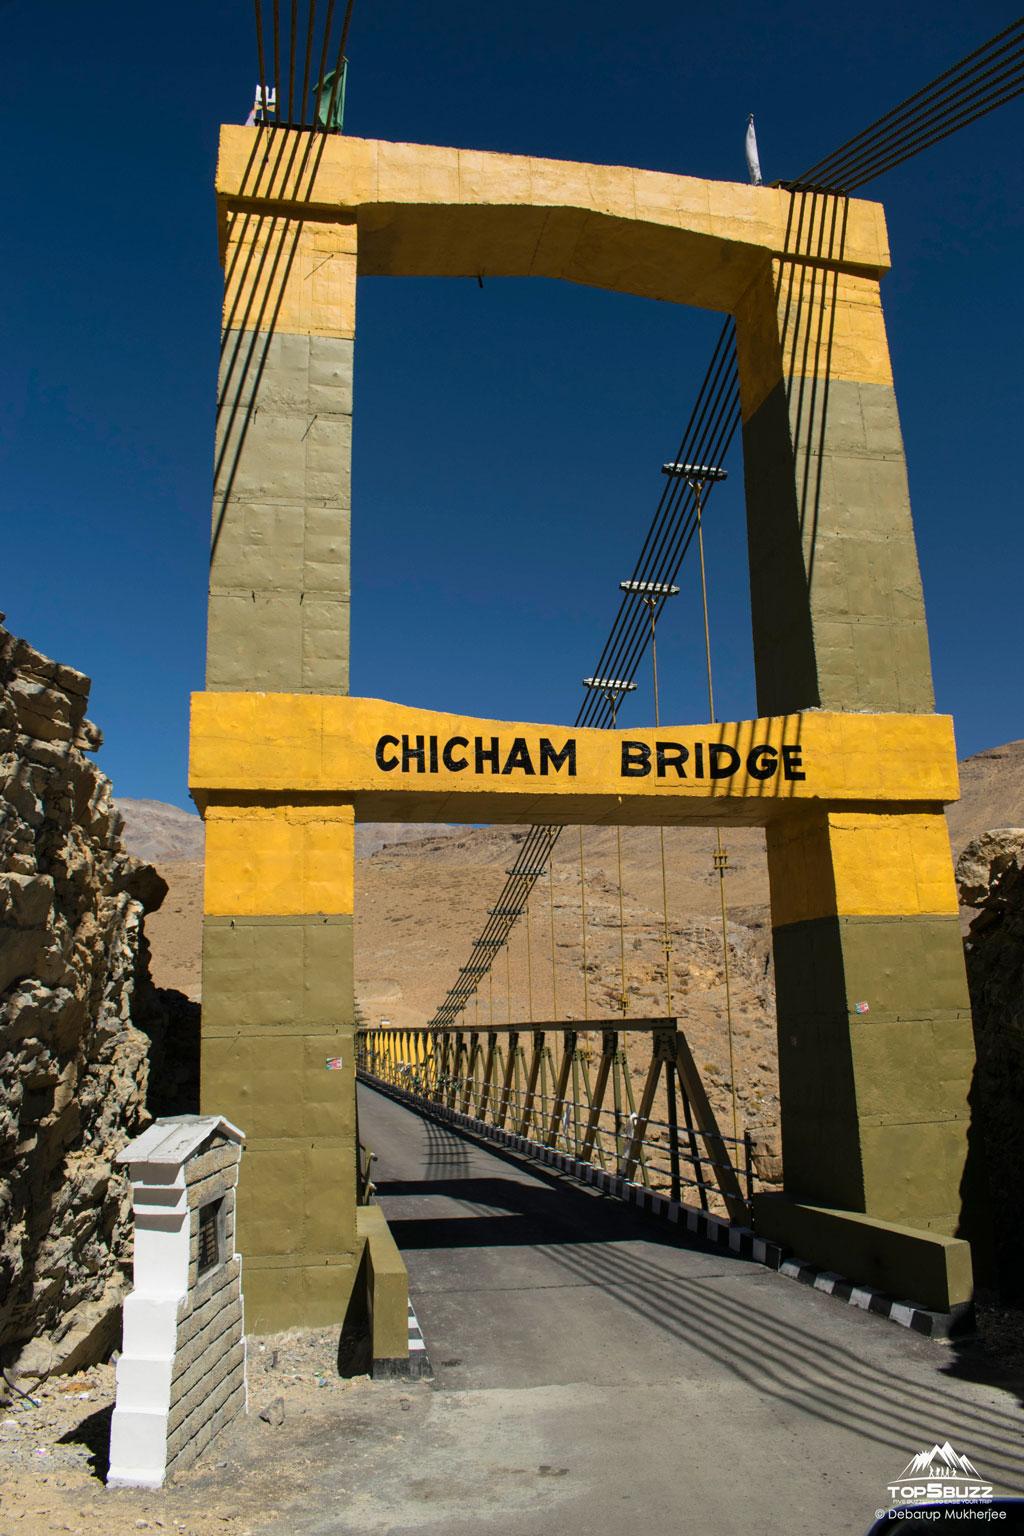 Chicham Bridge Entry point